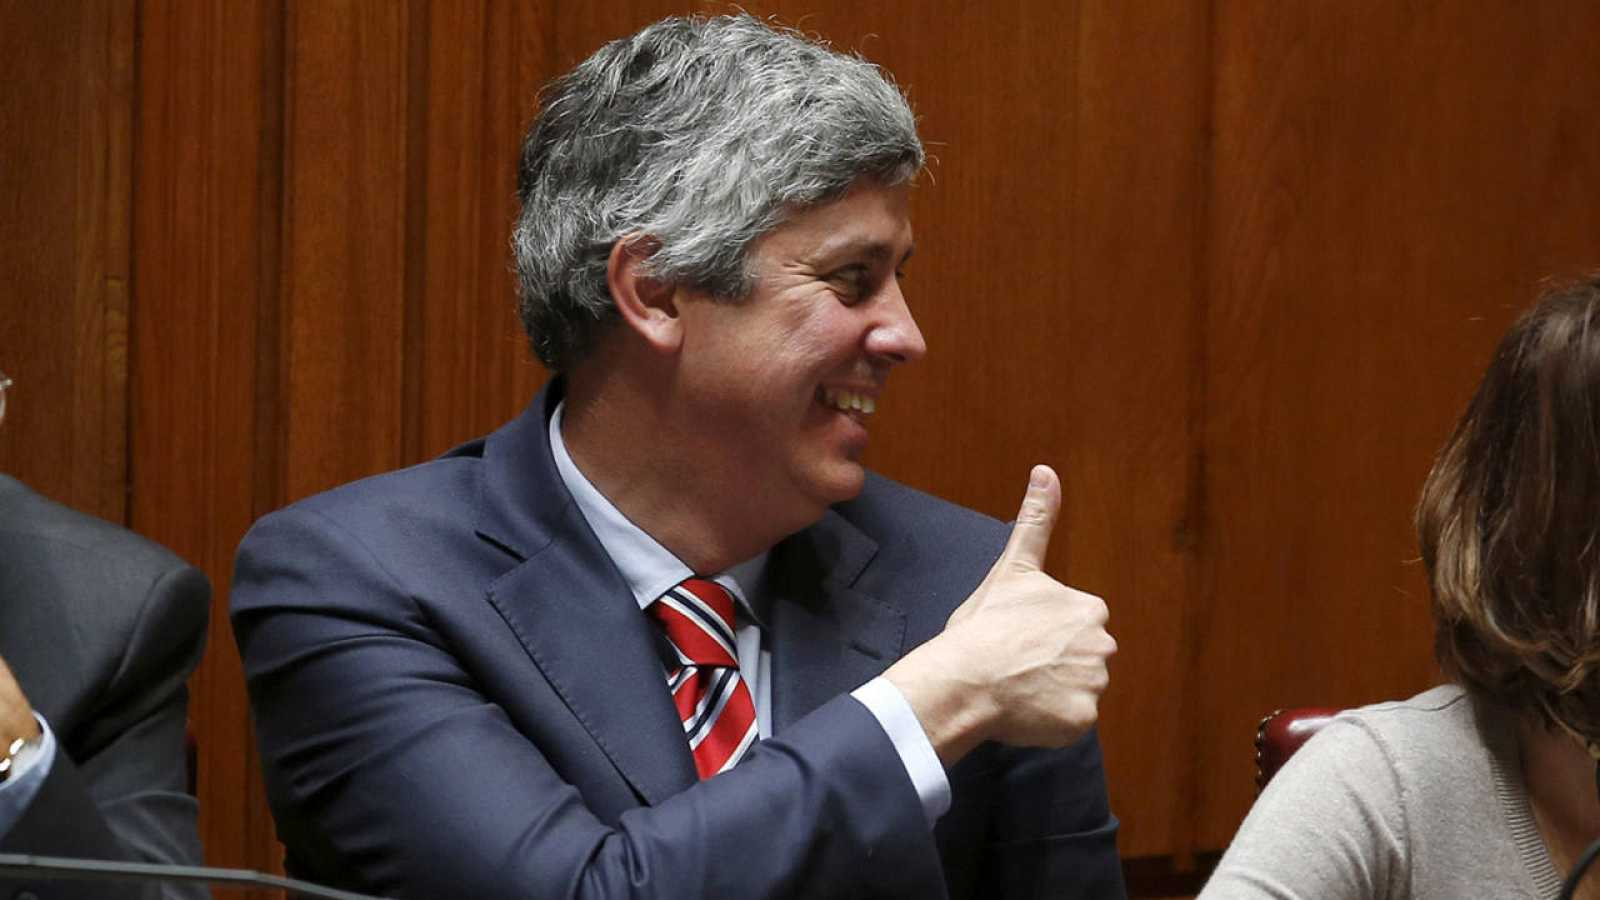 El ministro de Finanzas de Portugal, Mario Centeno